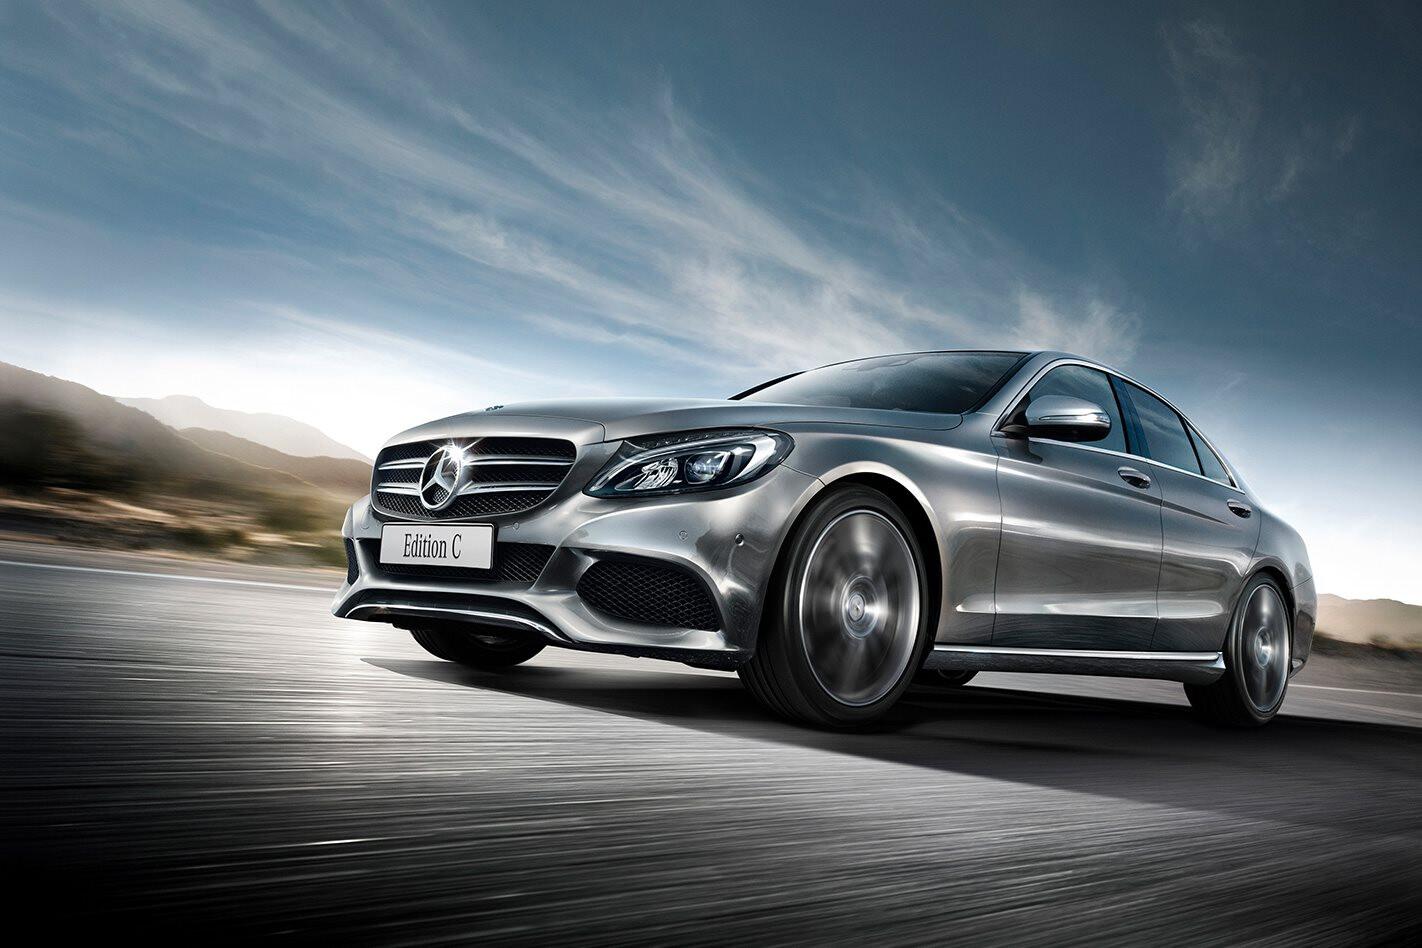 Mercedes Benz Edition C Jpg